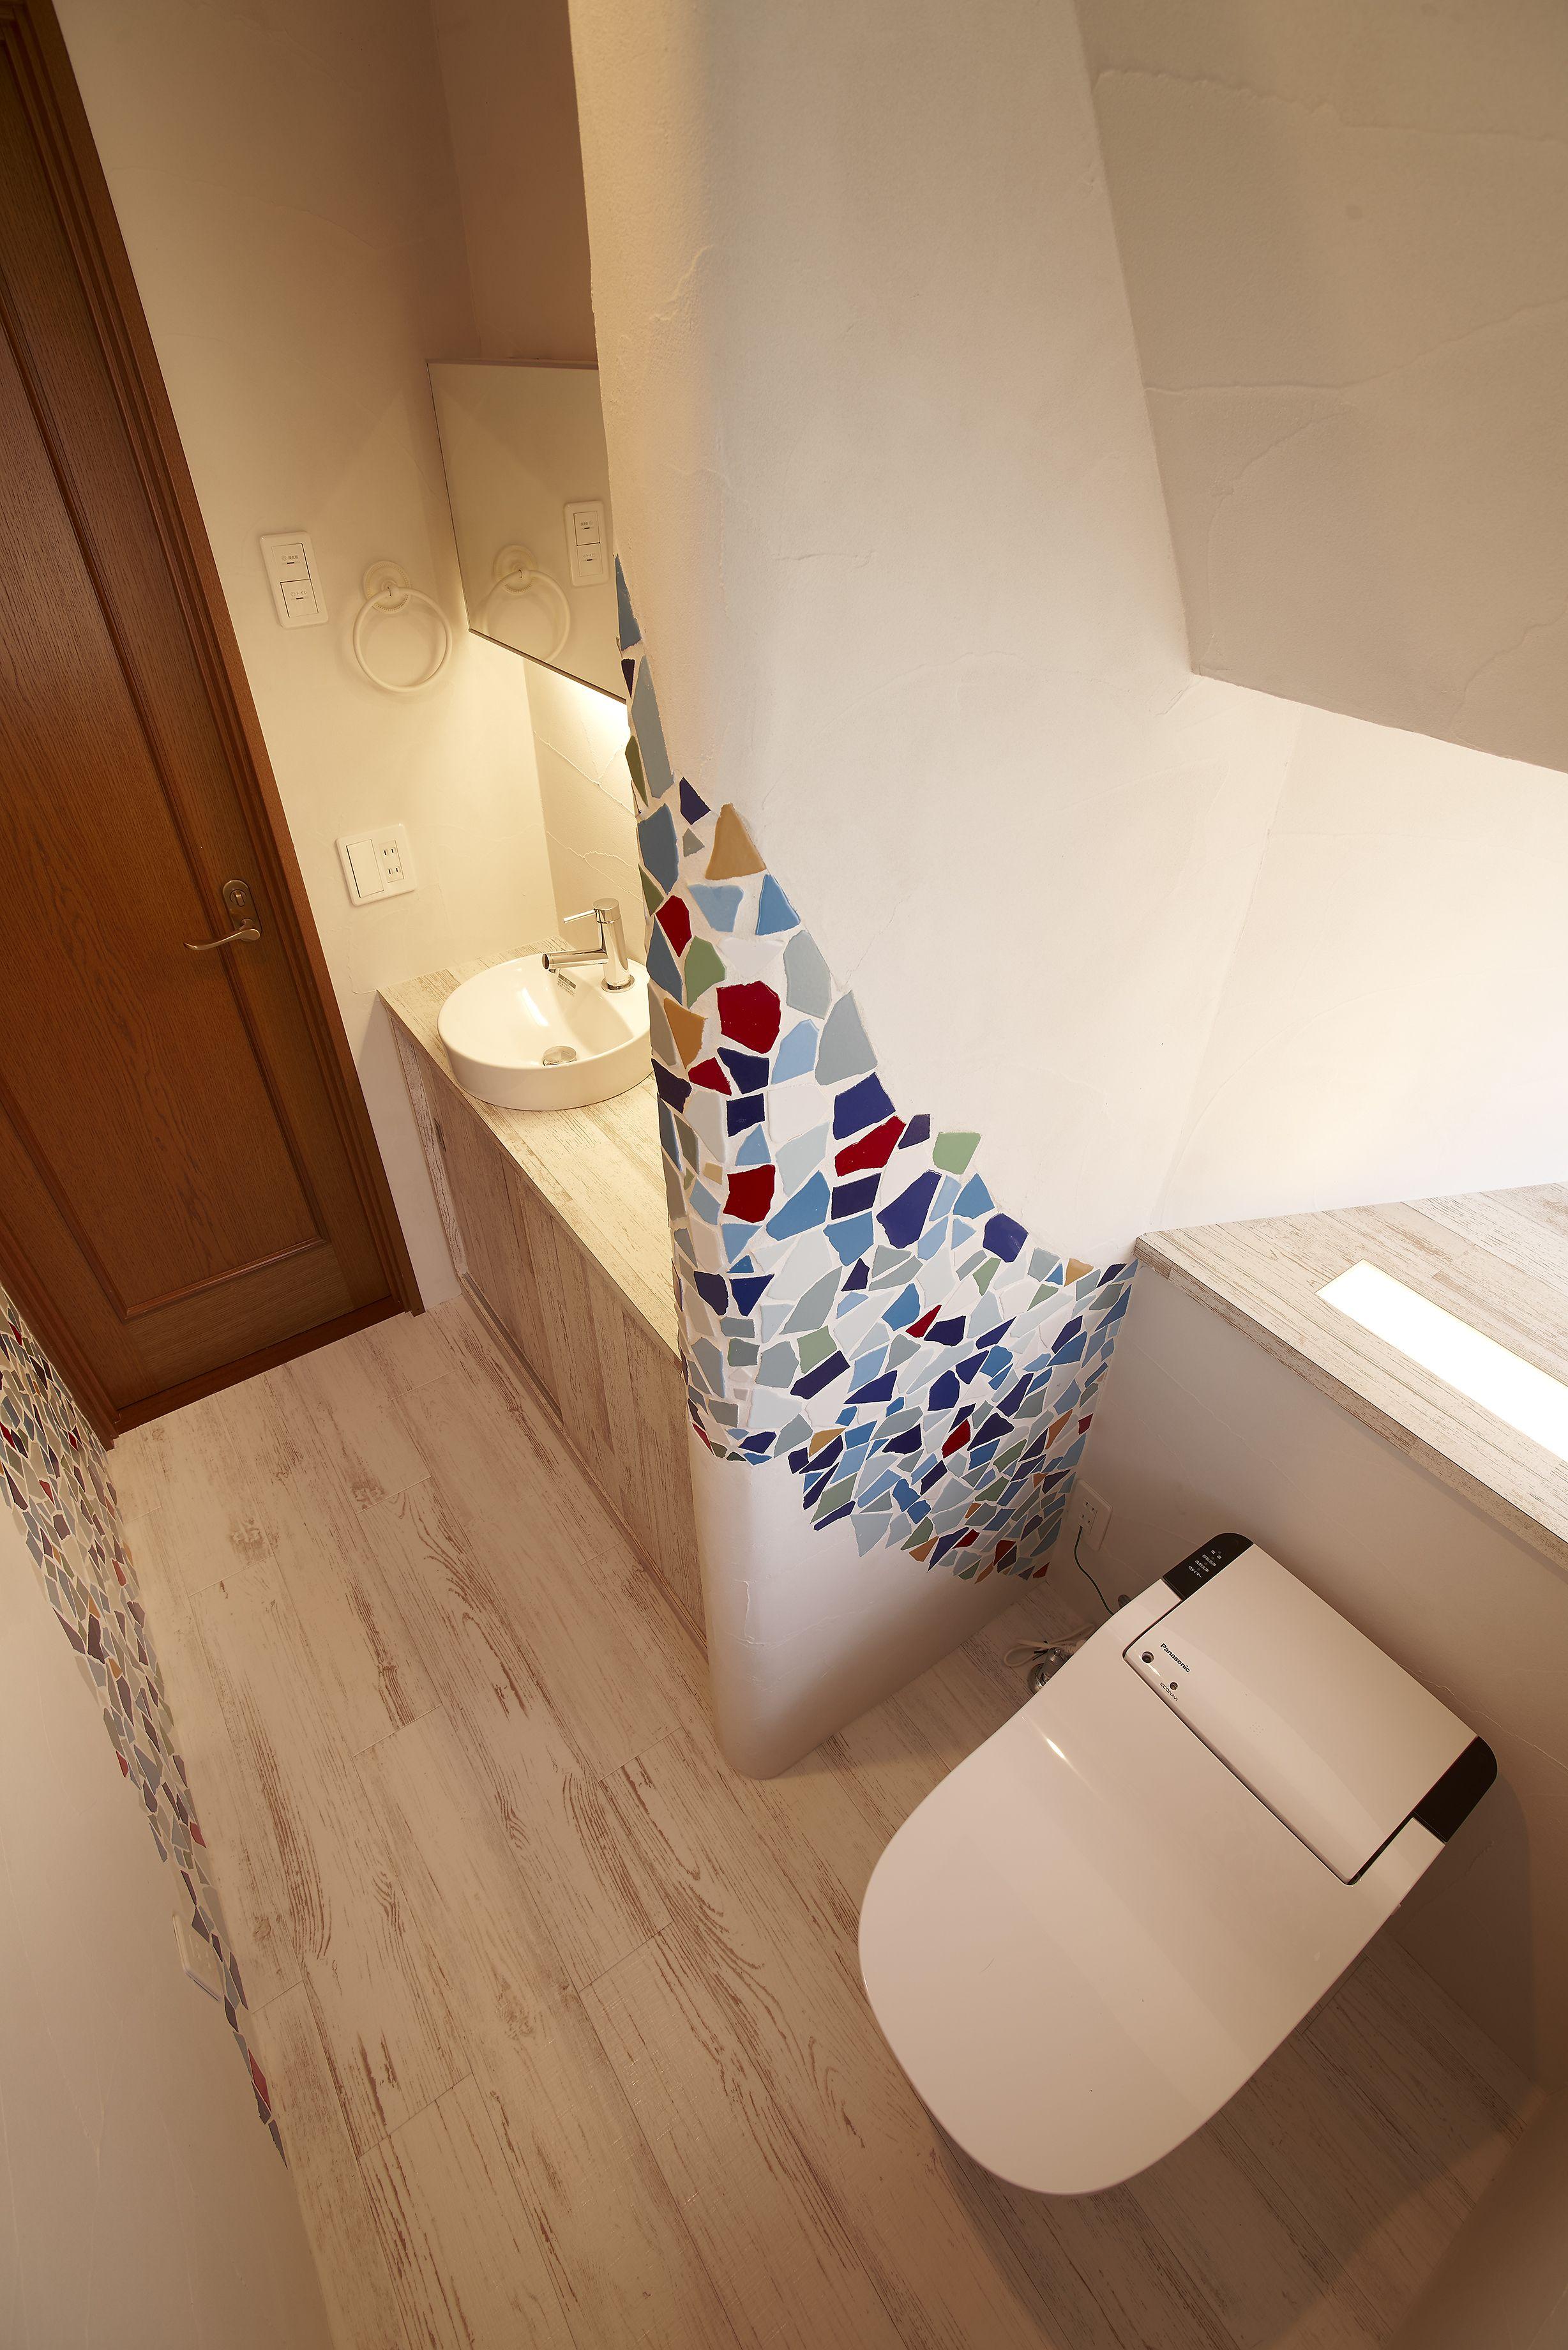 カラフルなクラッシュタイルを流れるように貼った個性的なトイレの